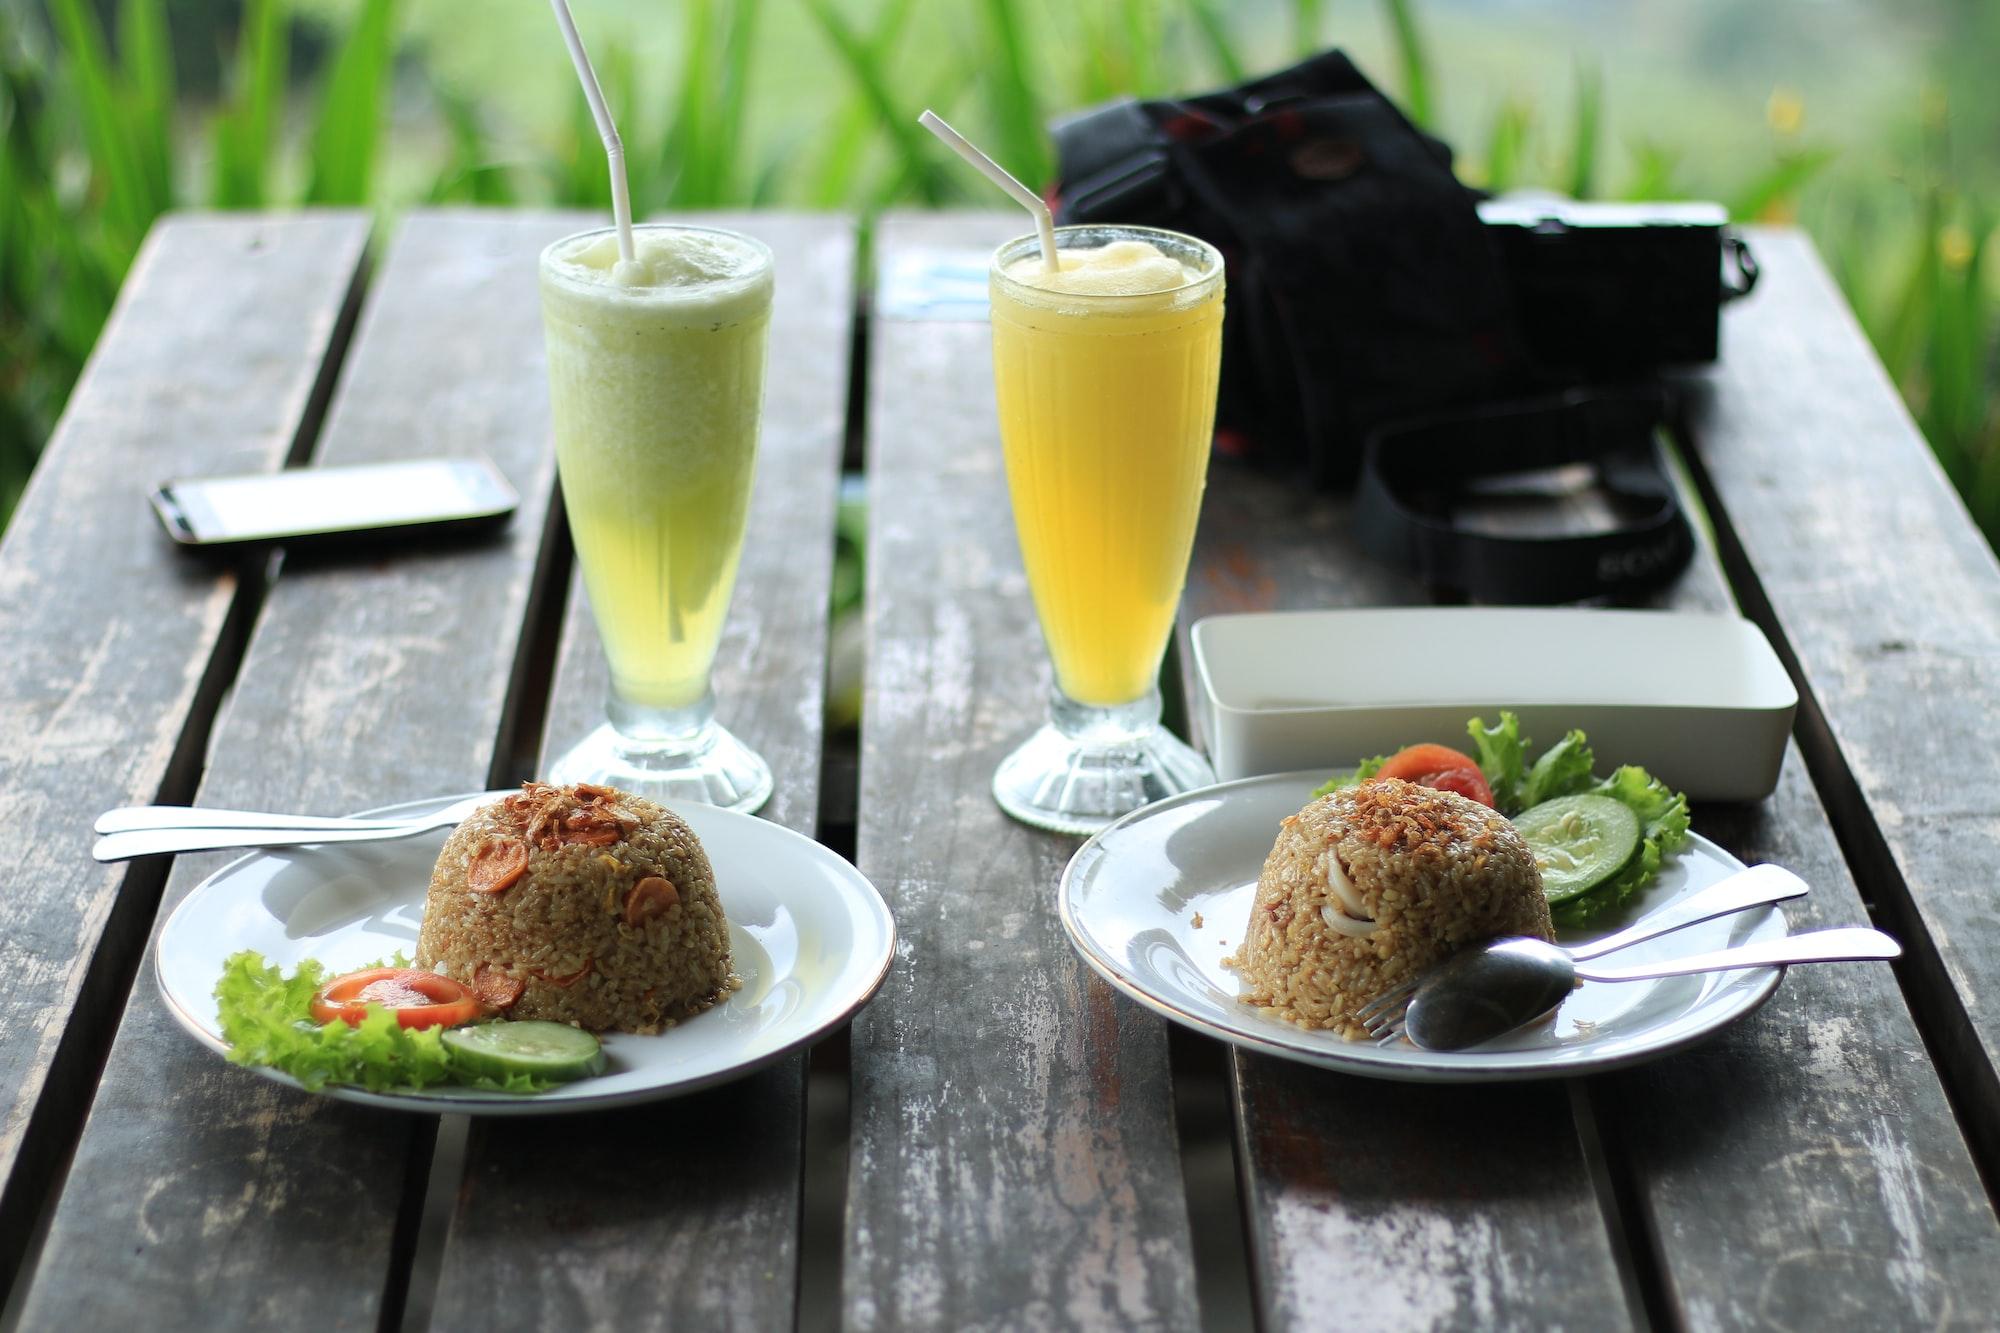 Makan di Jogja dengan Harga Kurang dari 10 Ribuan